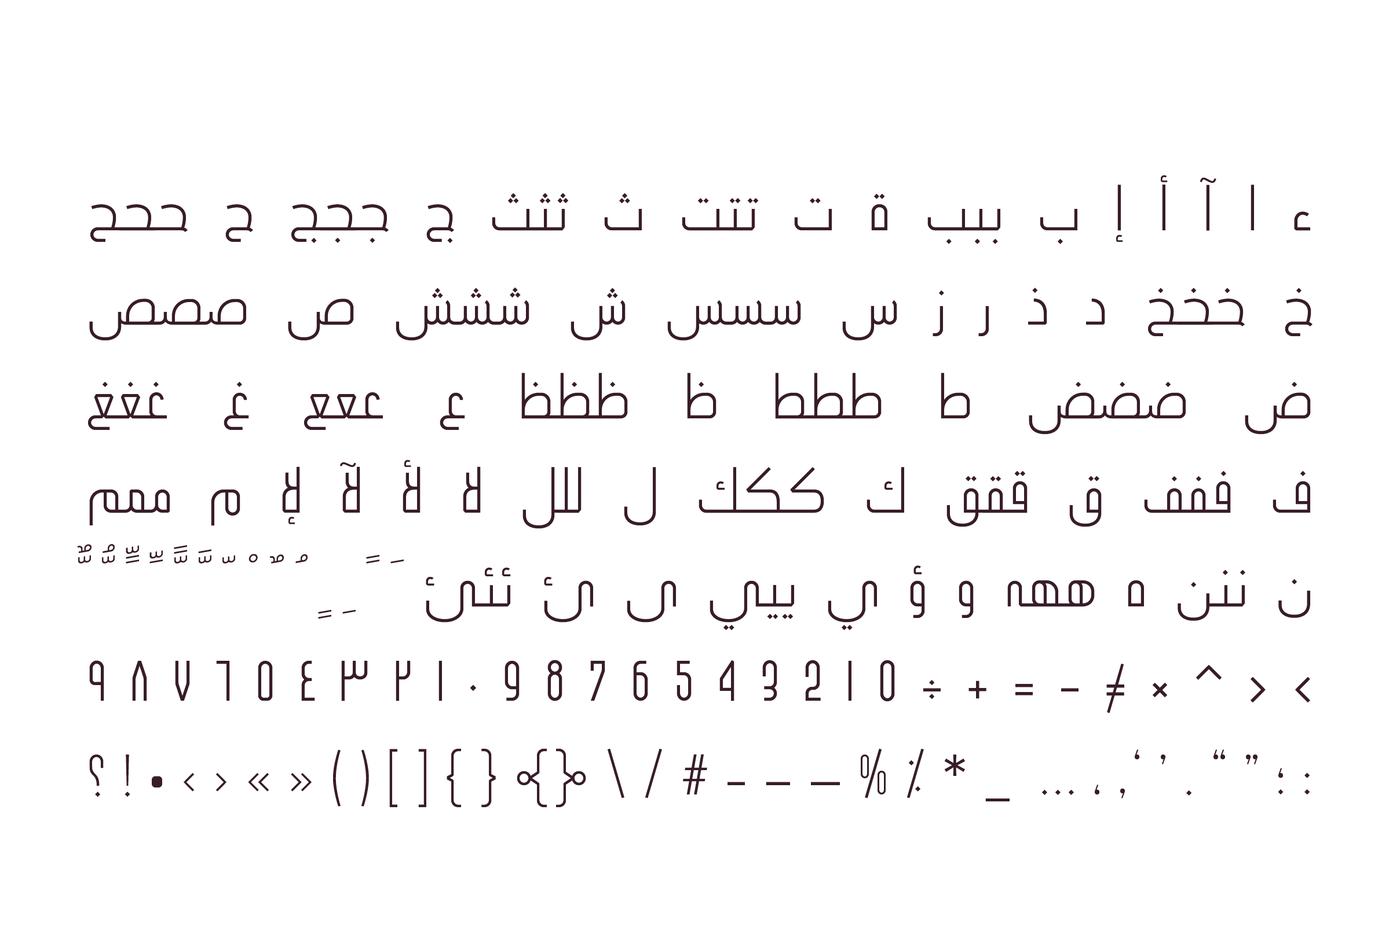 Ikseer Arabic Typeface By Arabic Font Store Thehungryjpeg Com Typeface Aff Arabic Ikseer Thehungryjpeg Adver Typeface Western Font Arabic Font